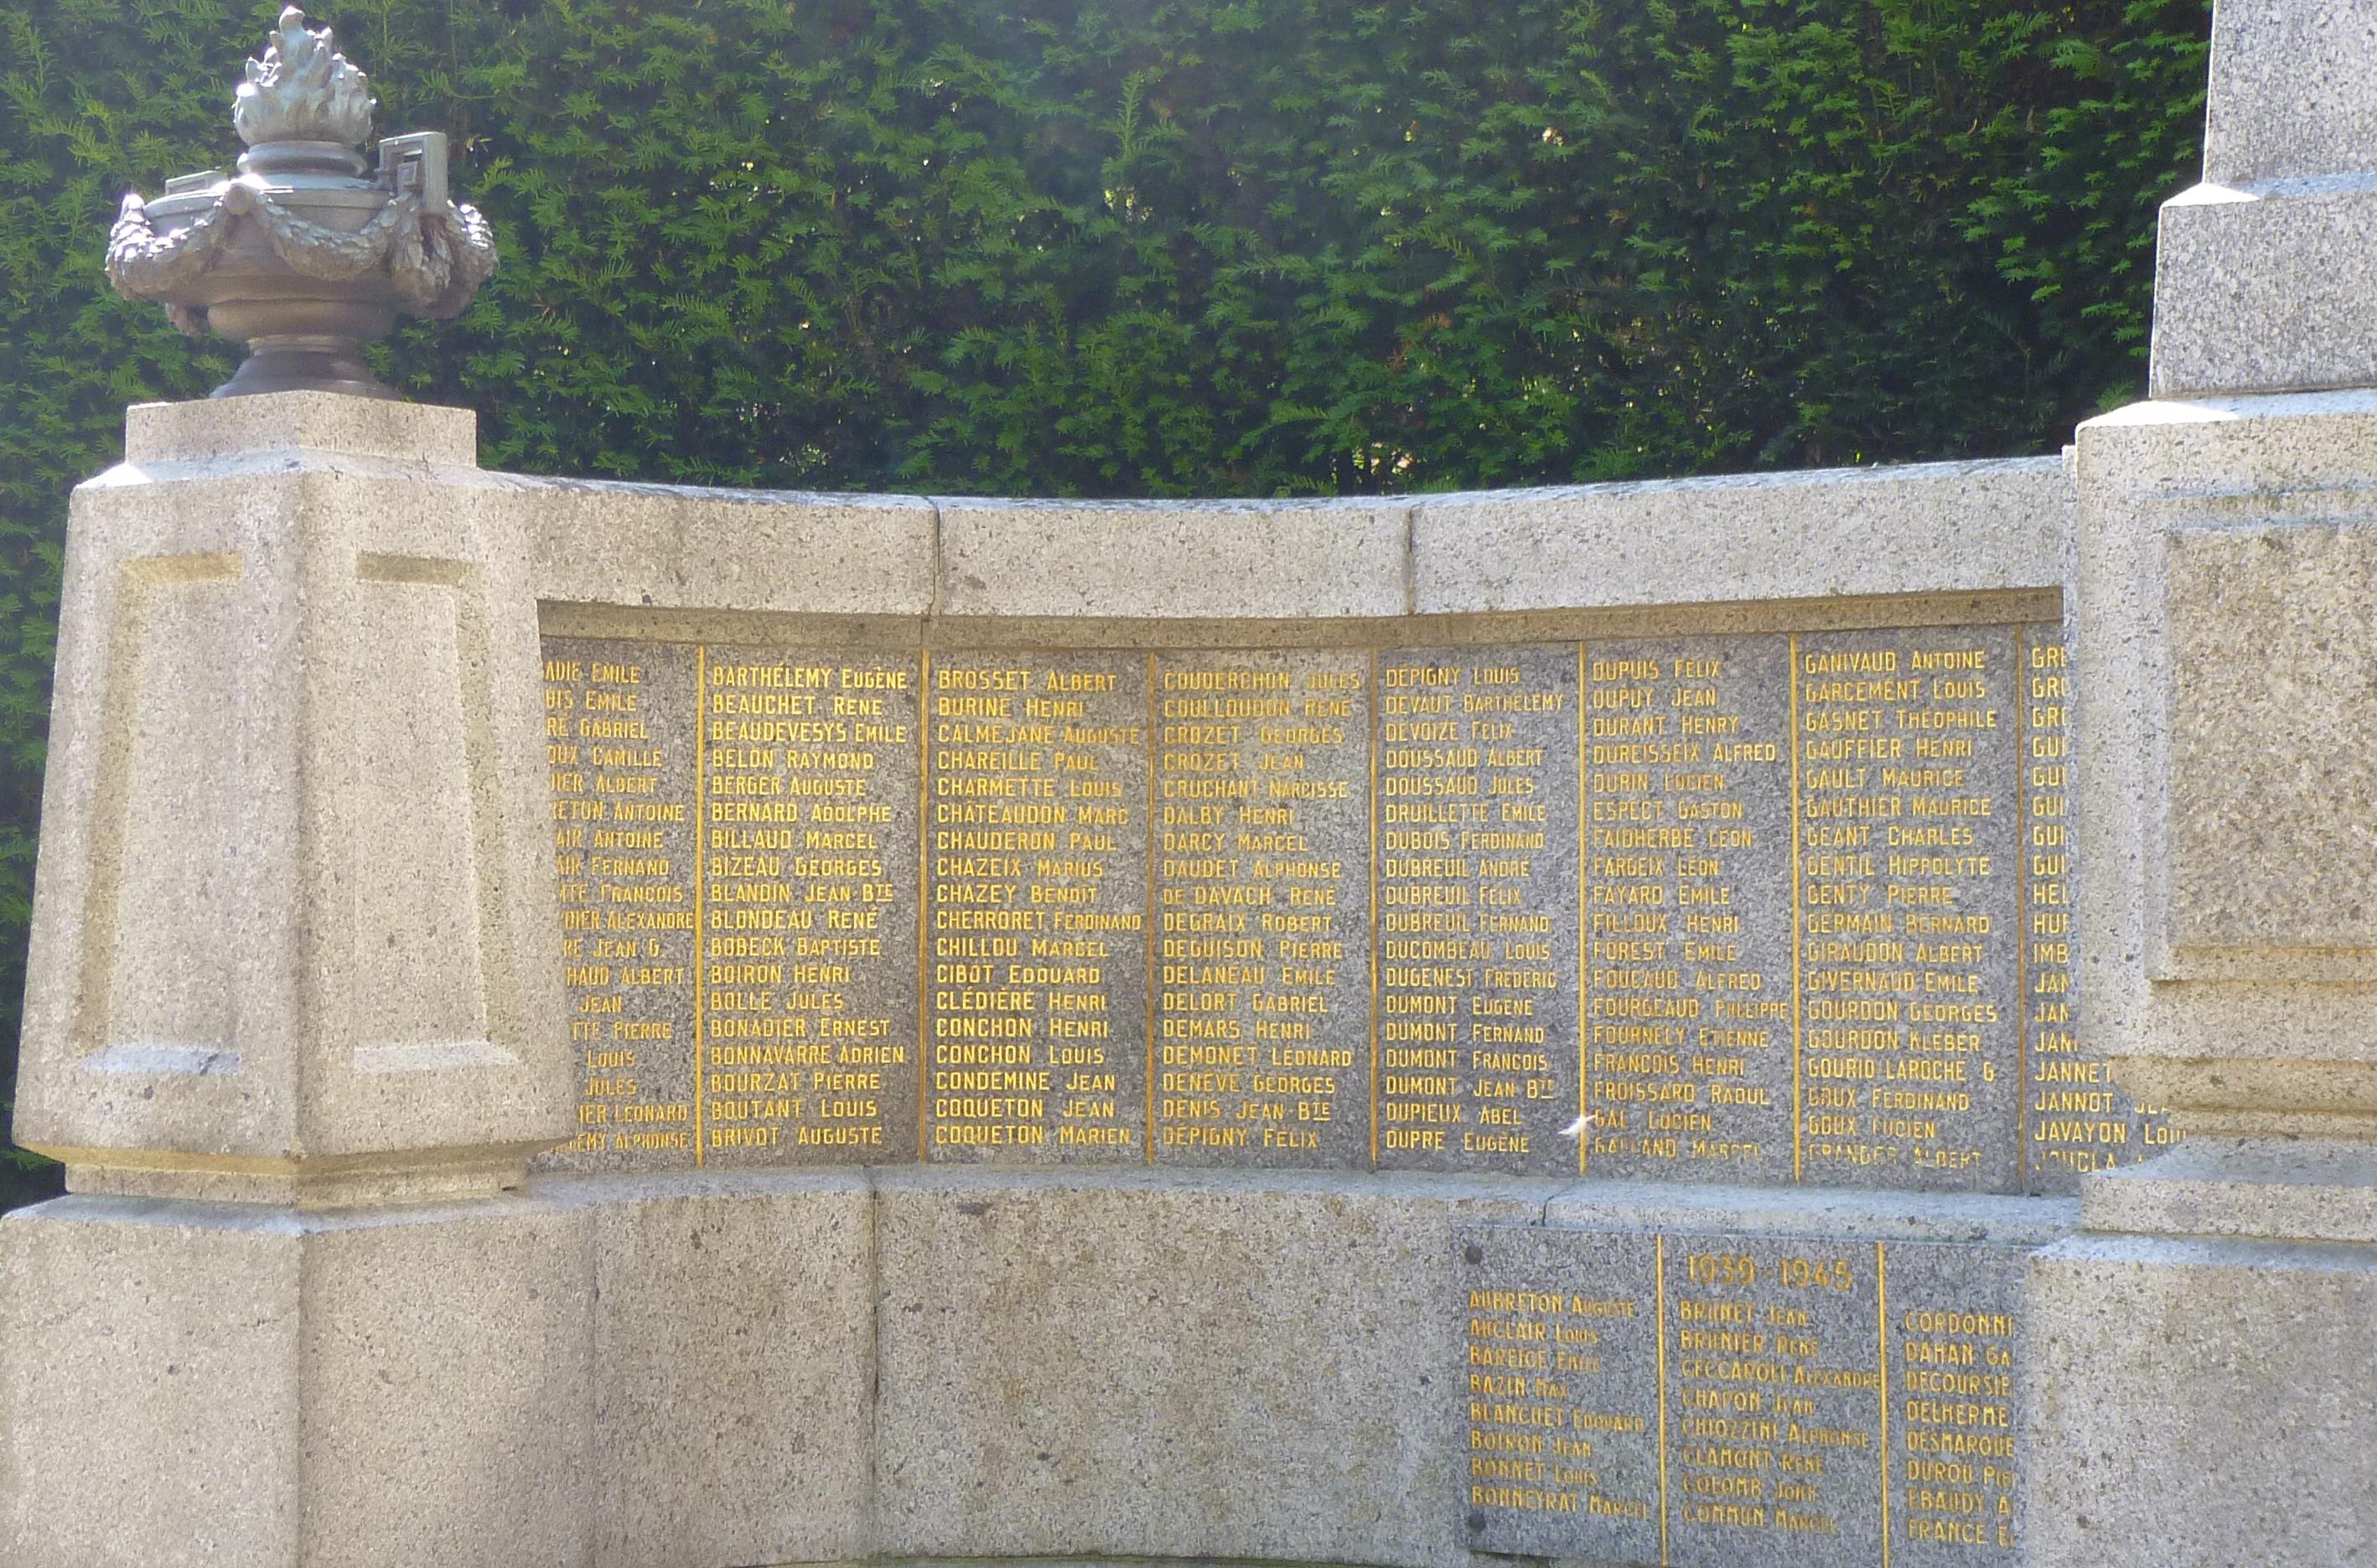 Morts inscrits sur le monument aux morts de Guéret